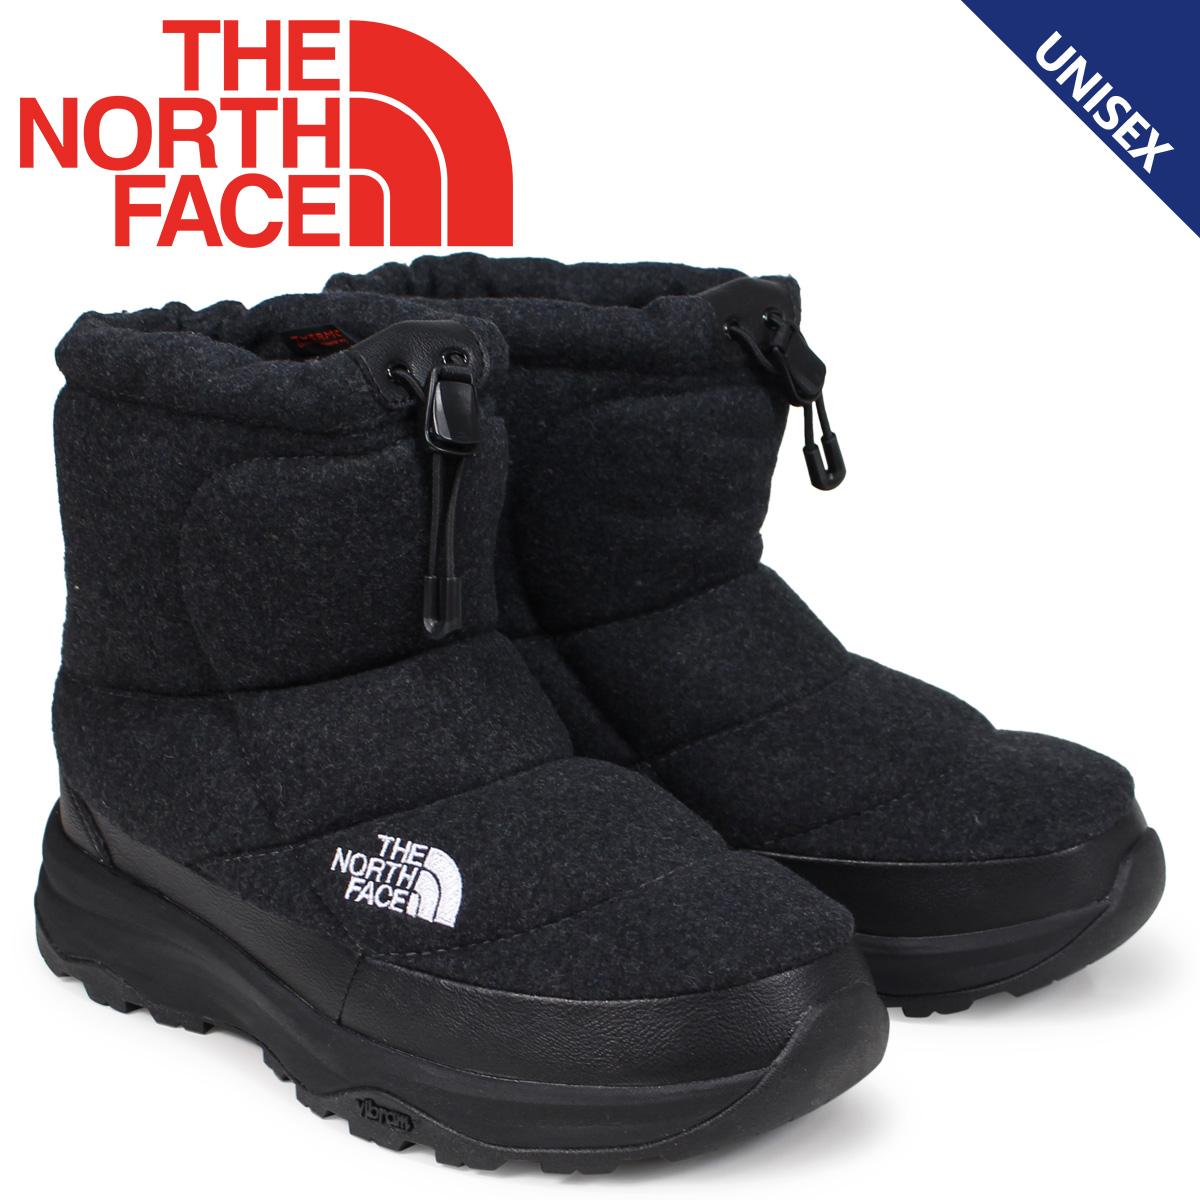 ノースフェイス THE NORTH FACE ヌプシブーティ ブーツ メンズ レディース NUPTSE BOOTIE WOOL IV SHORT チャコール NF51879 [9/21 新入荷]